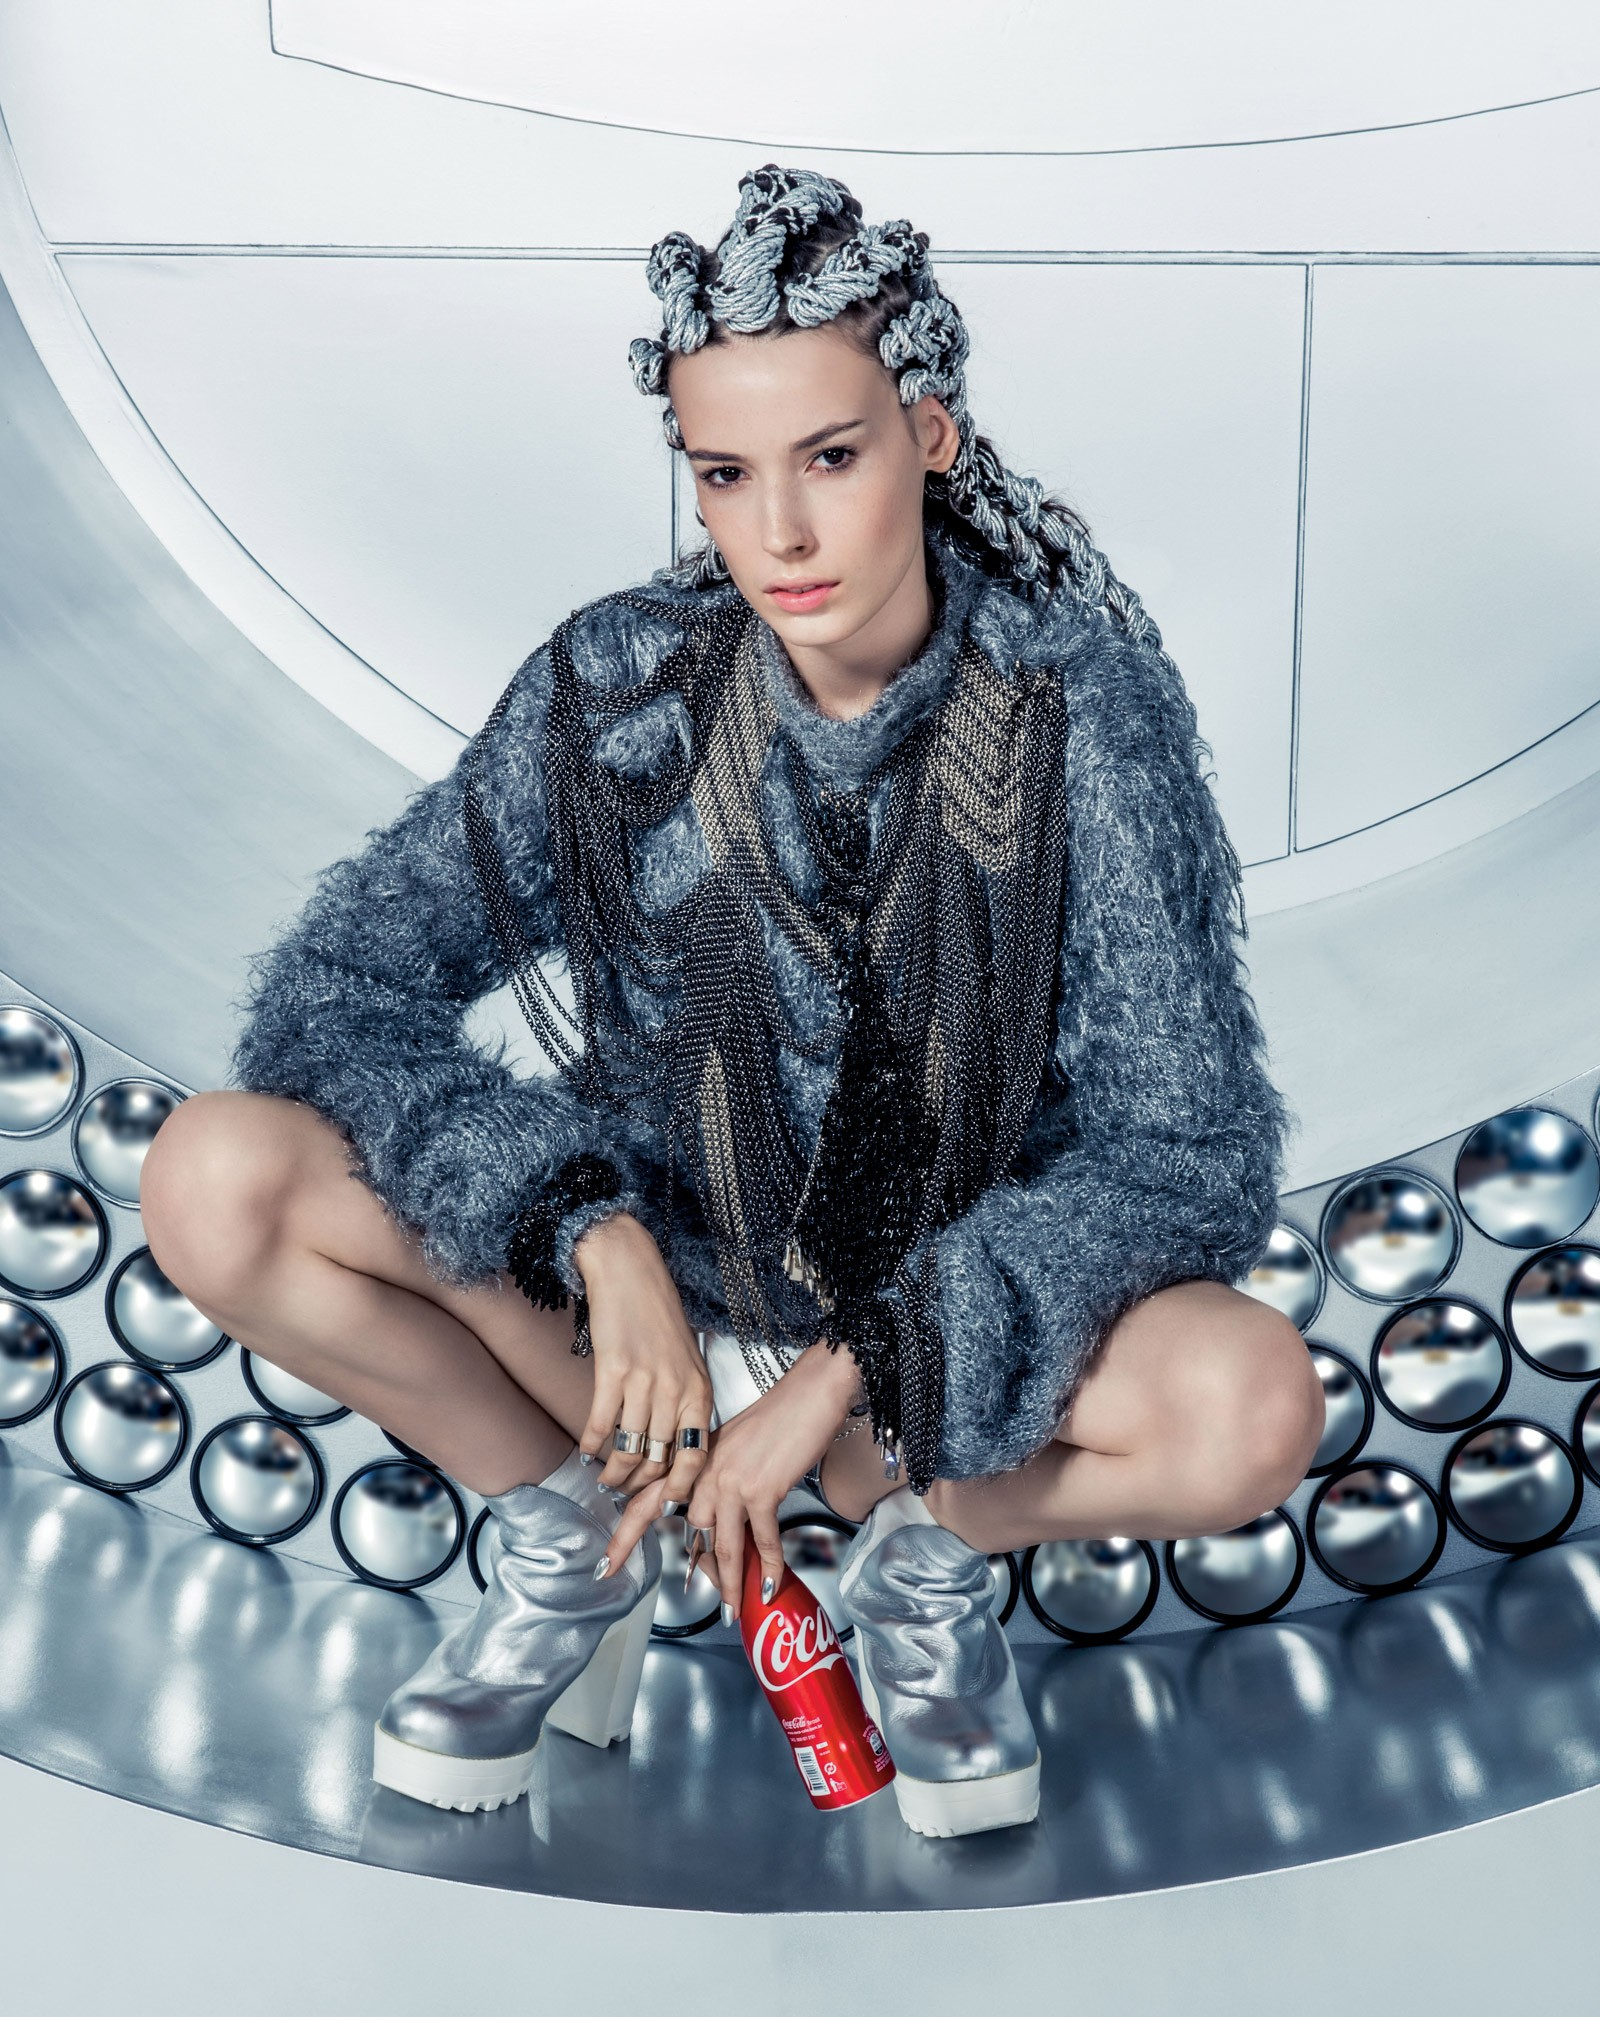 Promo Vogue - Cola-Cola (Foto: Divulgação)